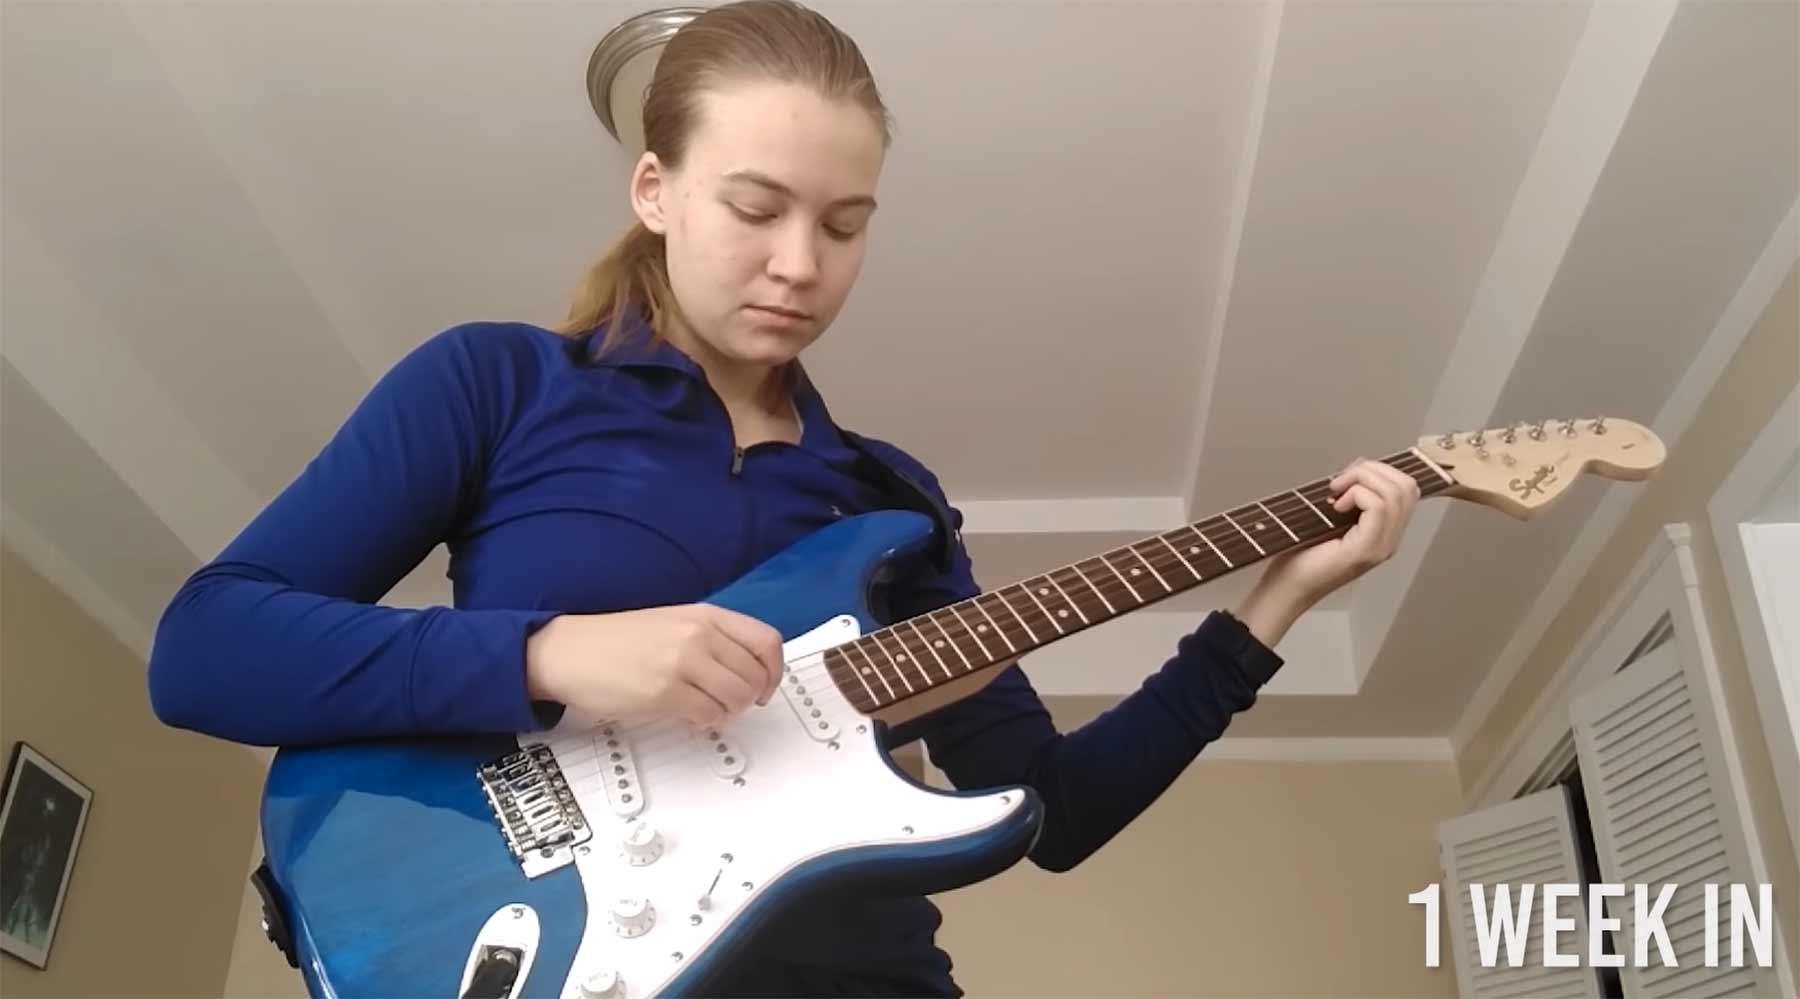 3 Jahre Gitarre spielen lernen in 9 Minuten gitarre-spielen-lernen_prozess-2019